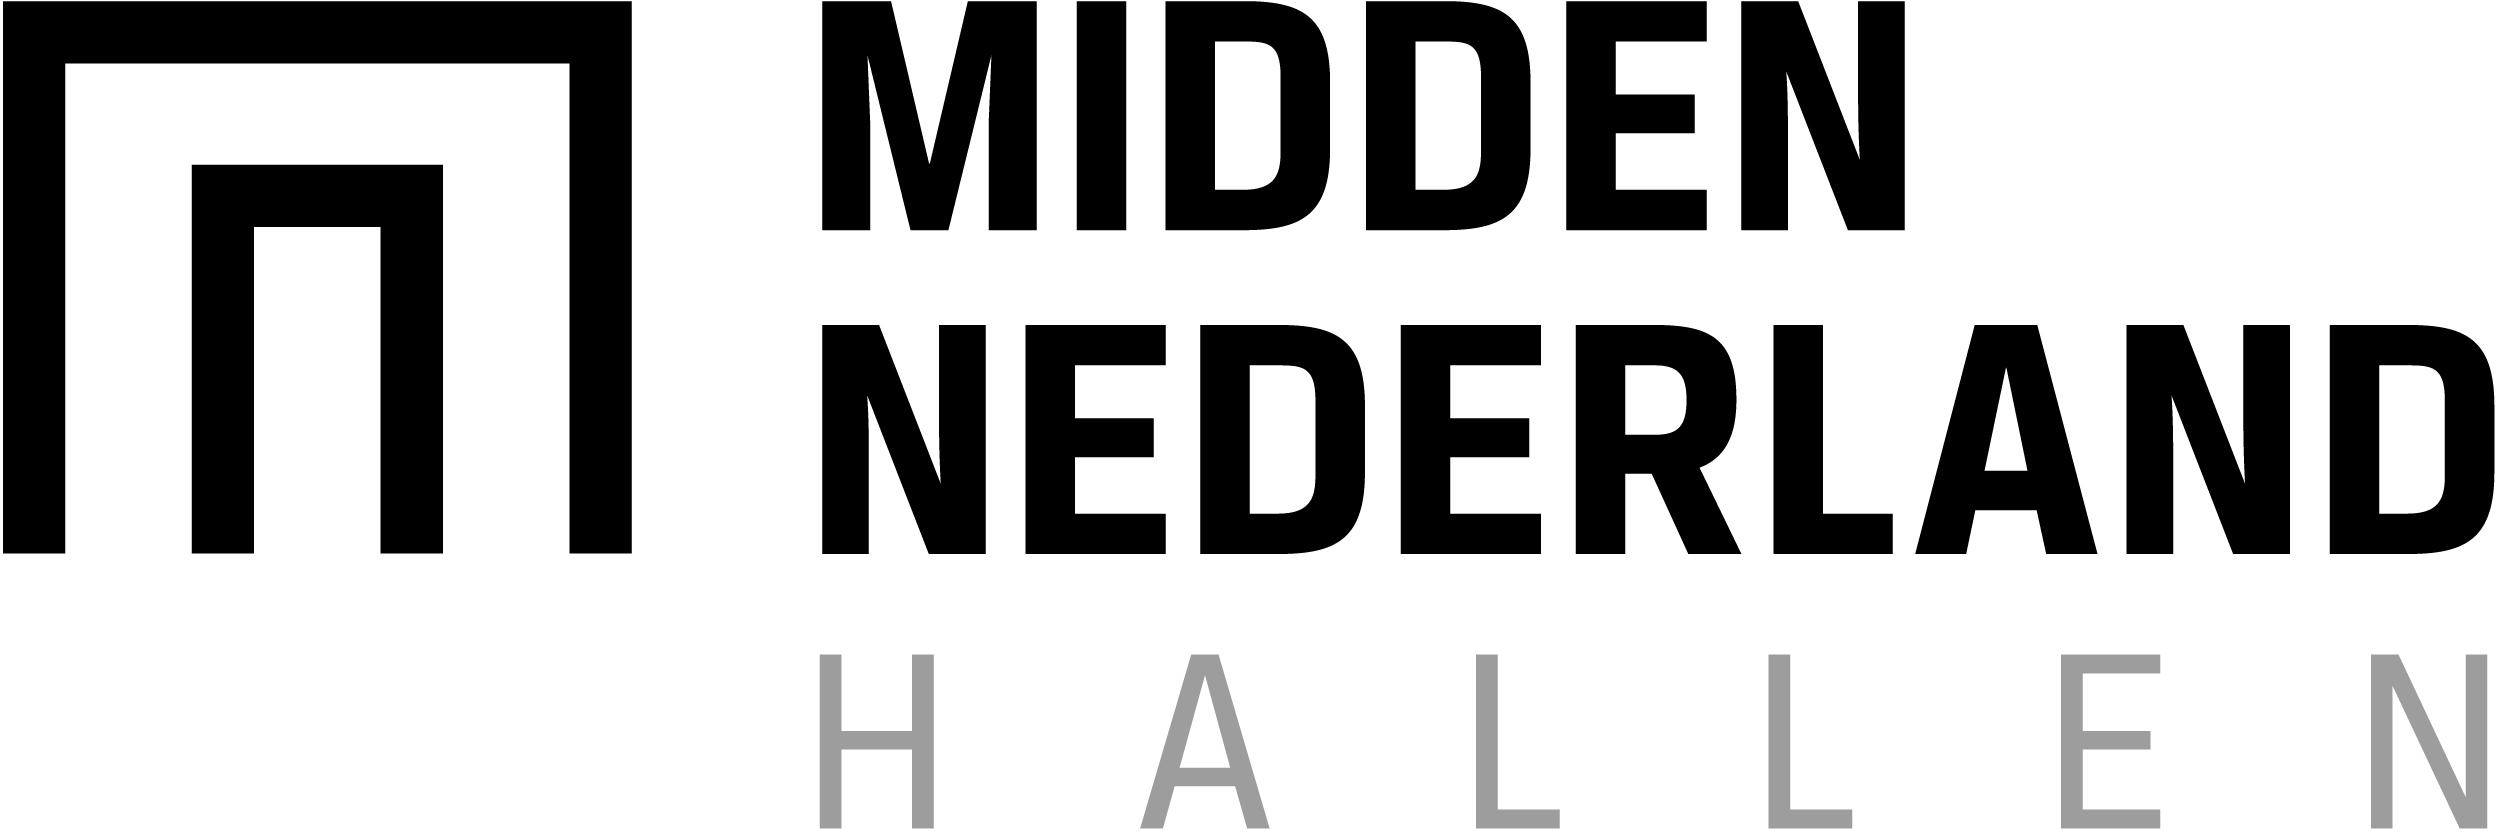 Midden Nederland Hallen - Ontdek de Midden Nederland Hallen; een groot en multifunctioneel evenementencomplex in het hart van Nederland geschikt voor beurzen, congressen, (bedrijfs)evenementen en feesten.